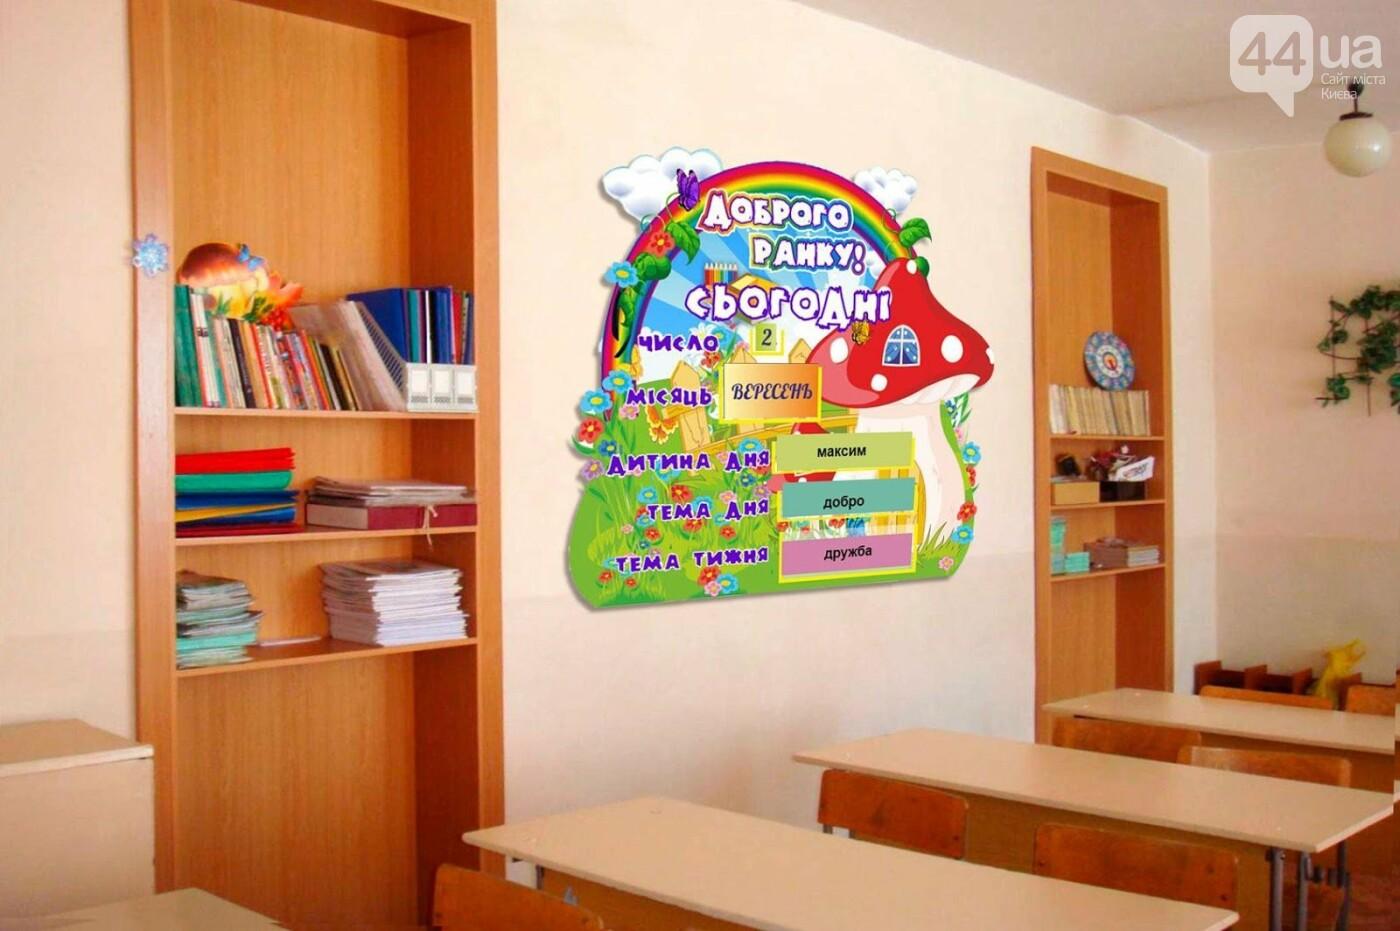 Сучасне оформлення школи 7 зон, навчальні осередки НУШ, фото-7